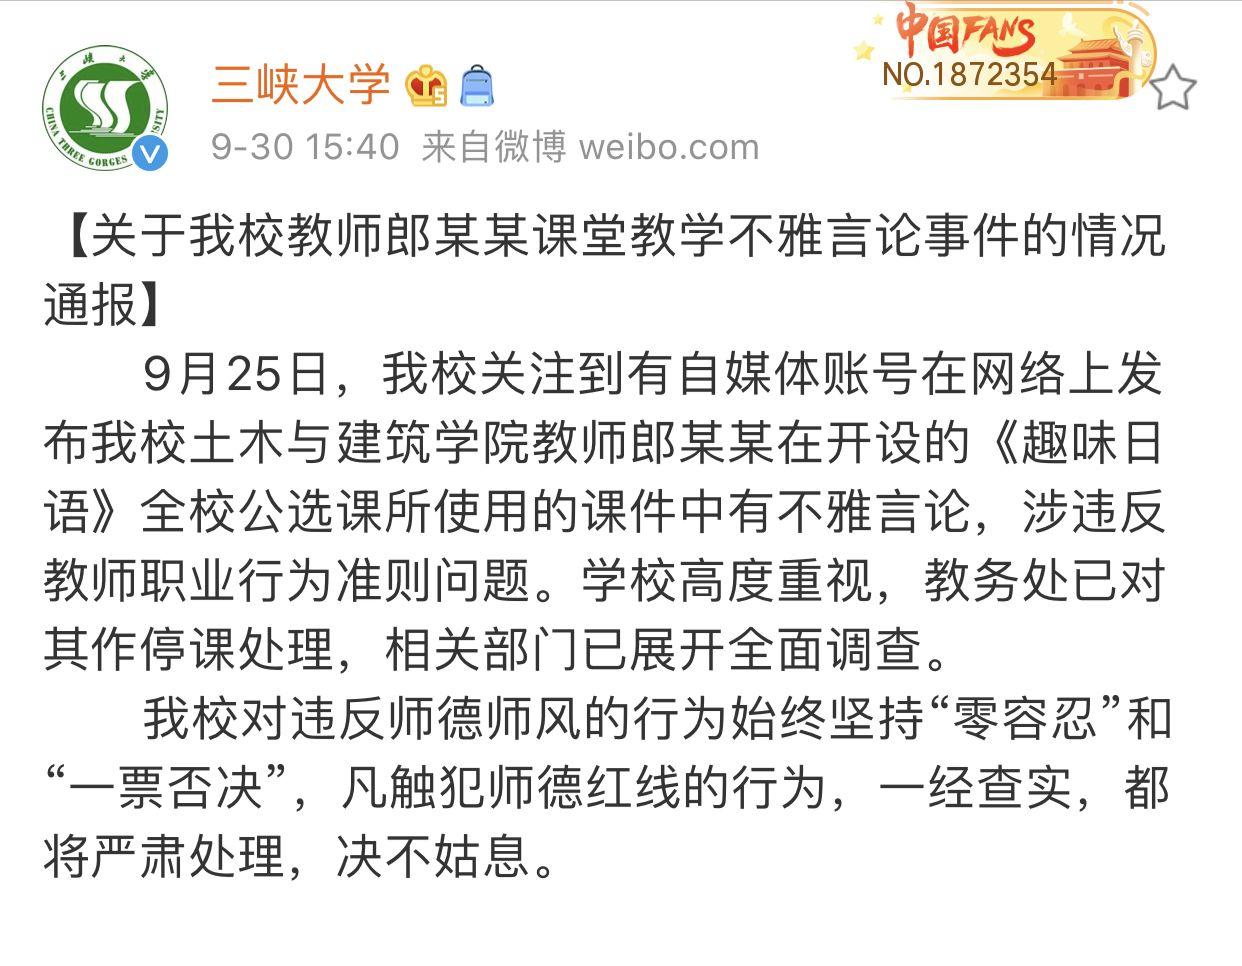 老师日语课发音用不雅语言 三峡大学:教师停课 绝不姑息图片